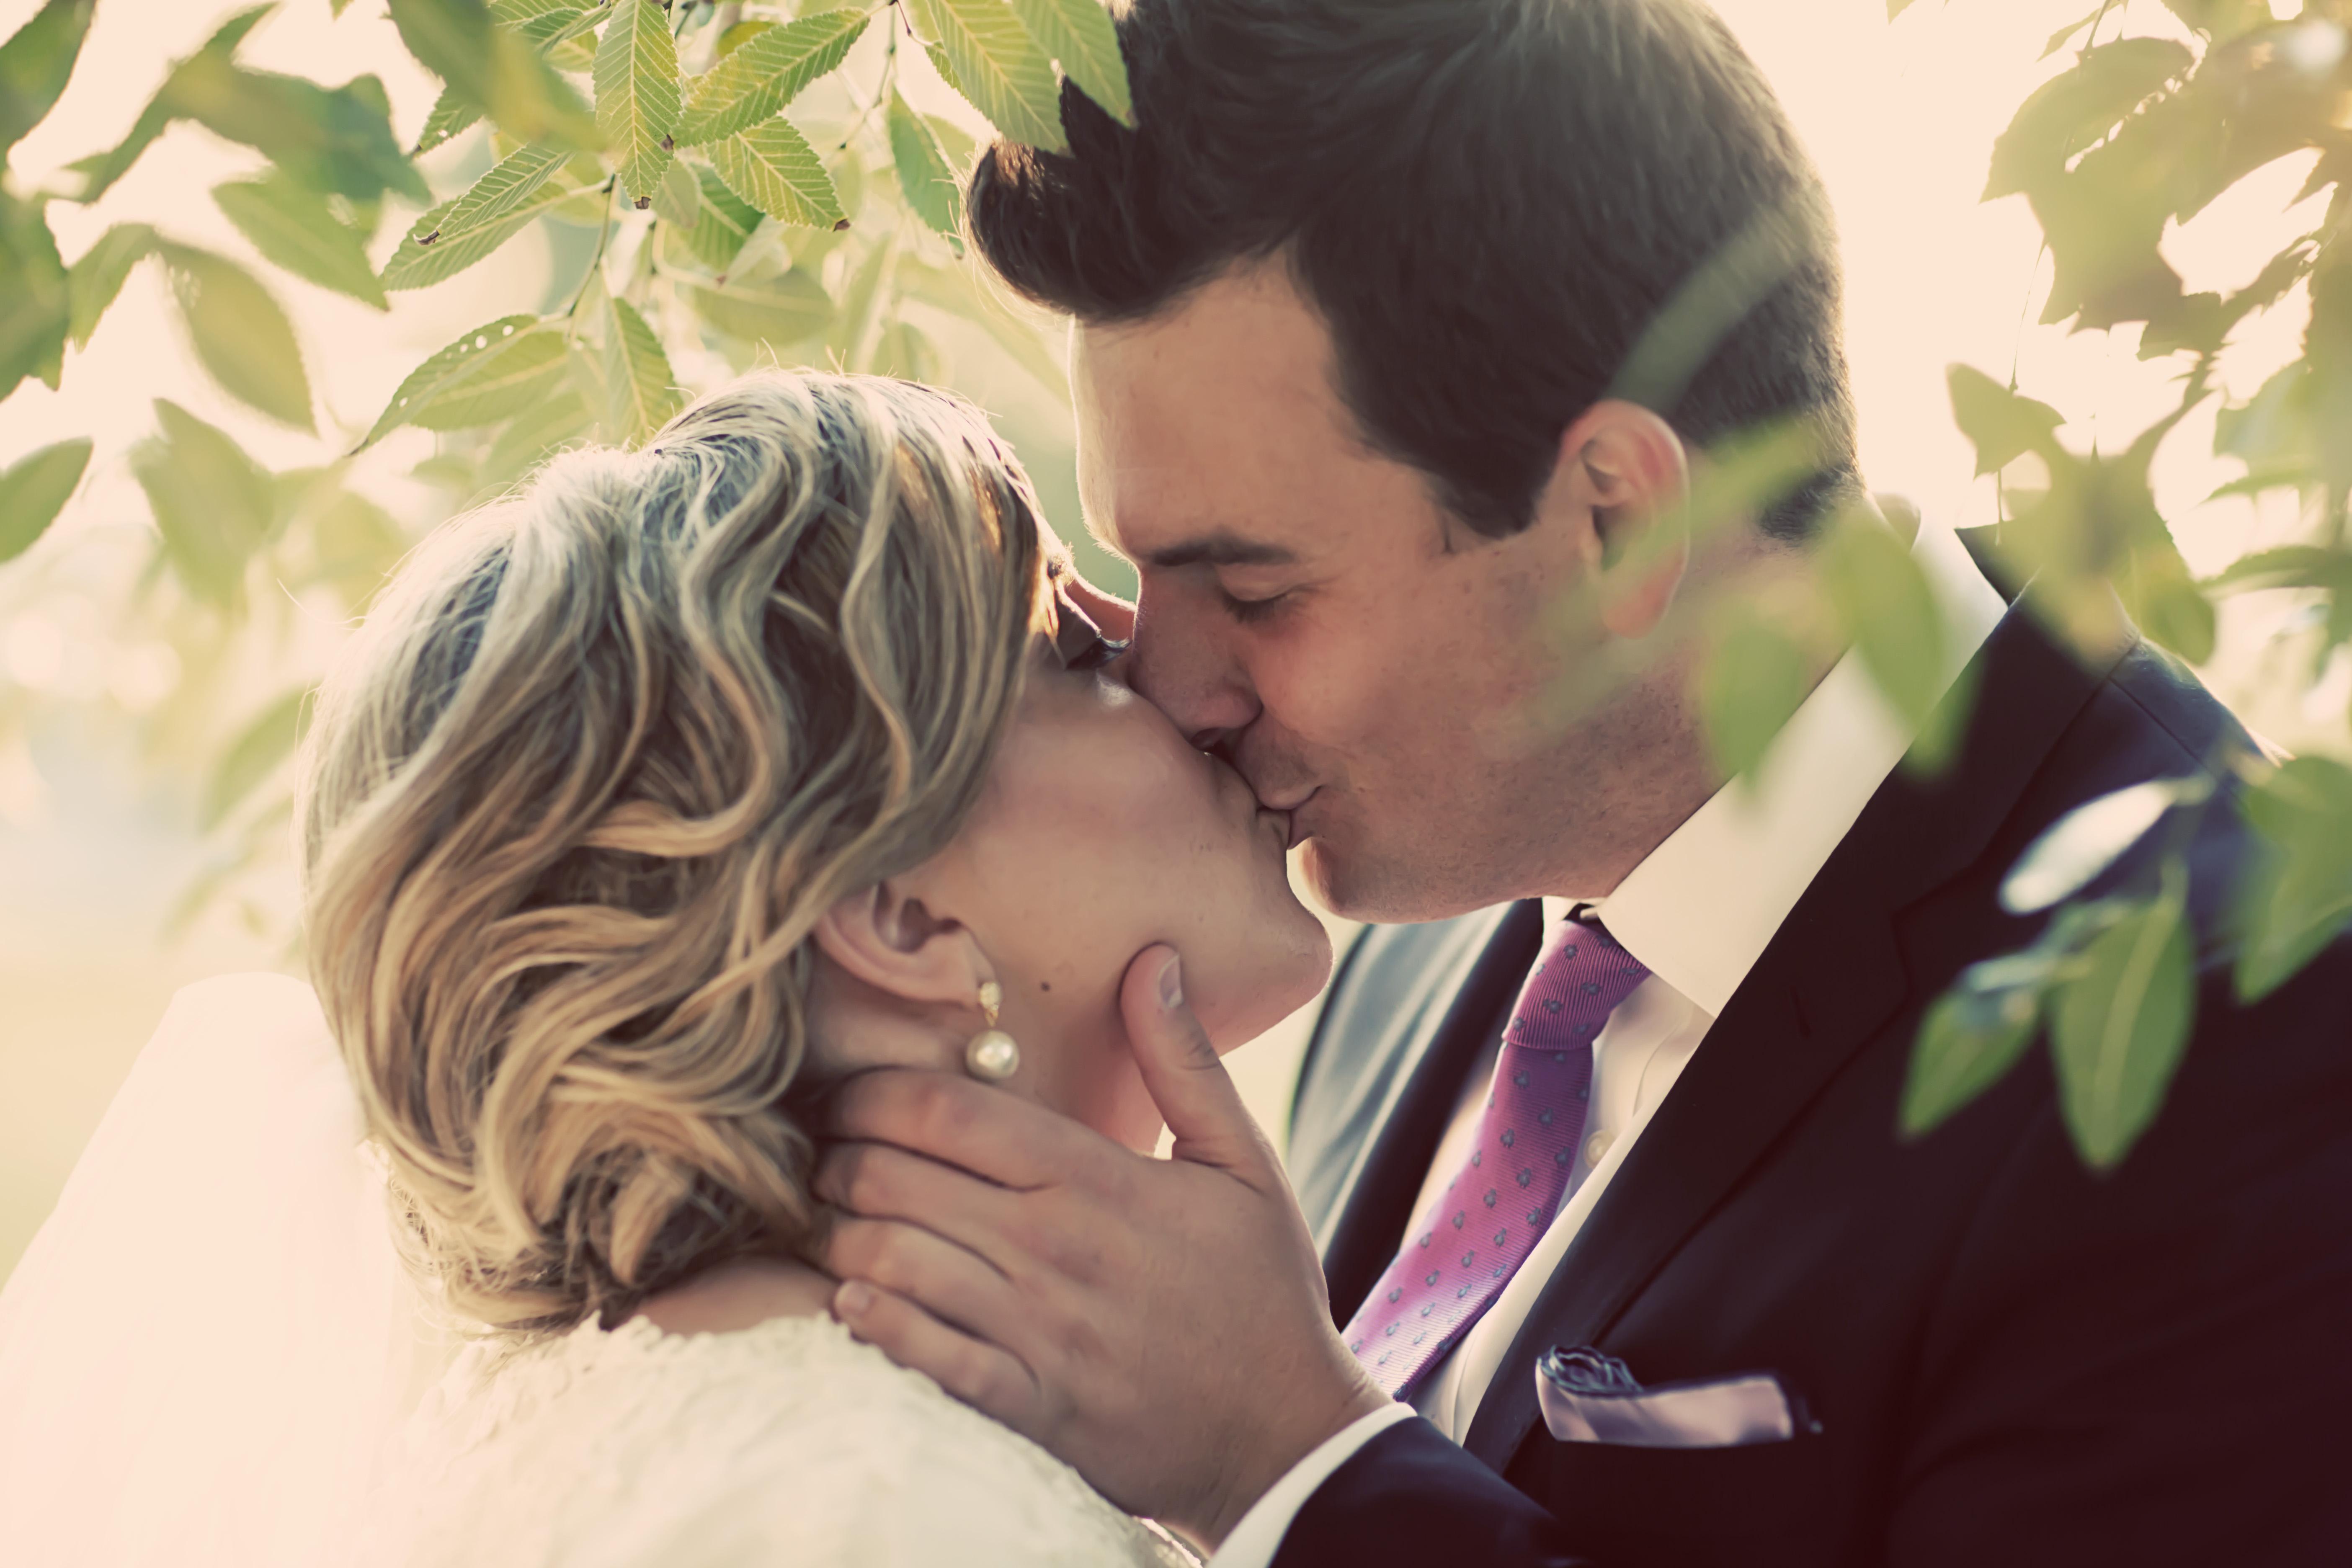 -true loves kiss-